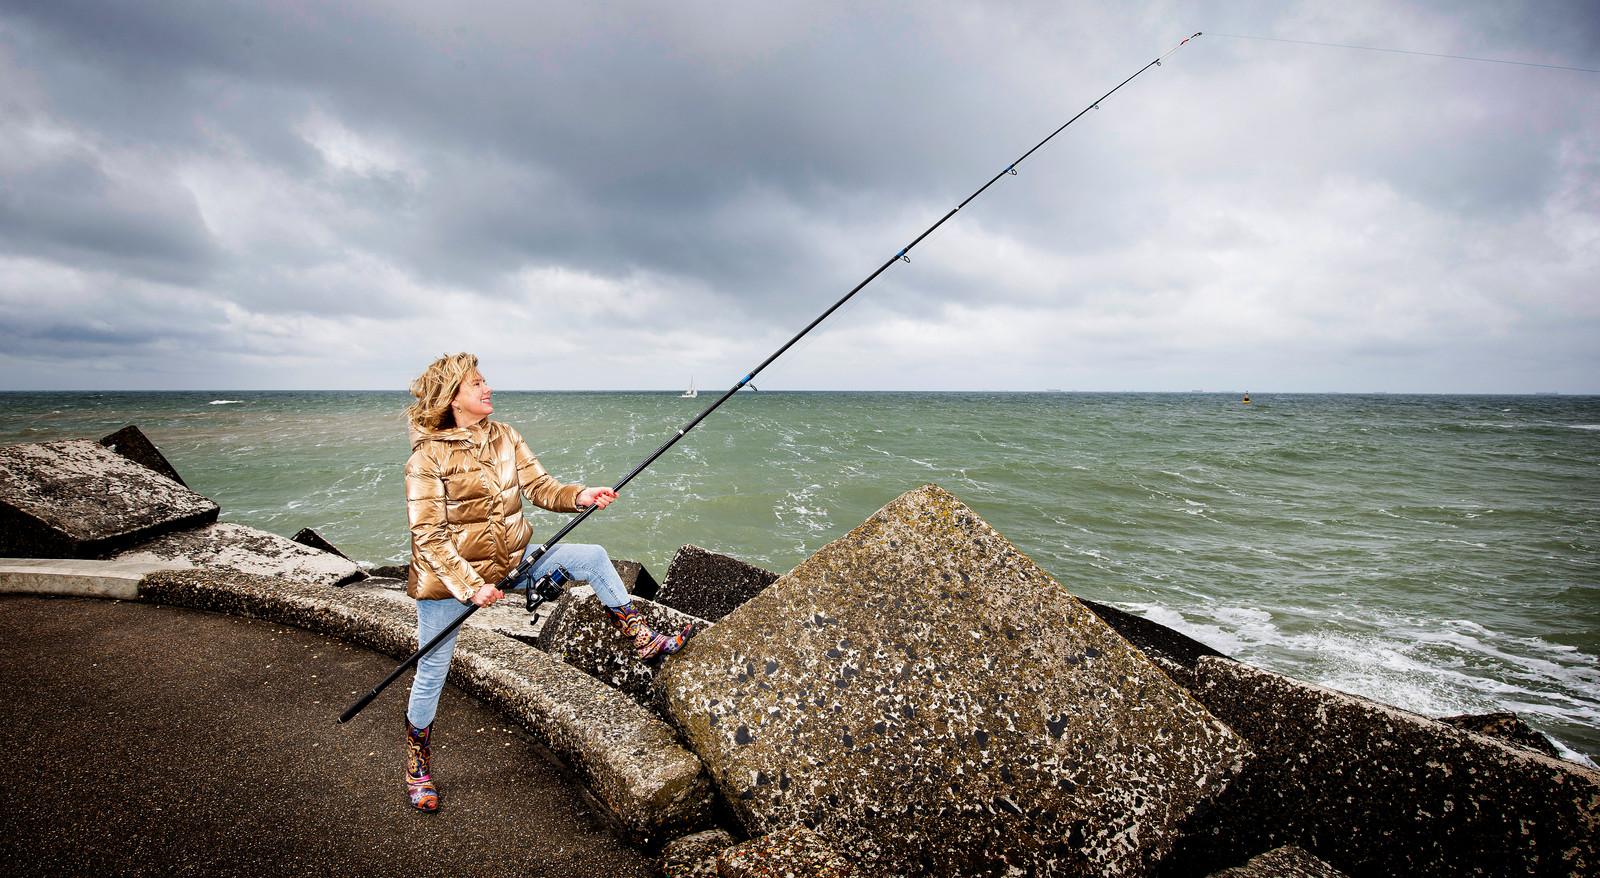 Cora van Nieuwenhuizen ziet liever vis op haar bord: ,,Ik heb niet het geduld om eindeloos naar een hengel te zitten kijken.''